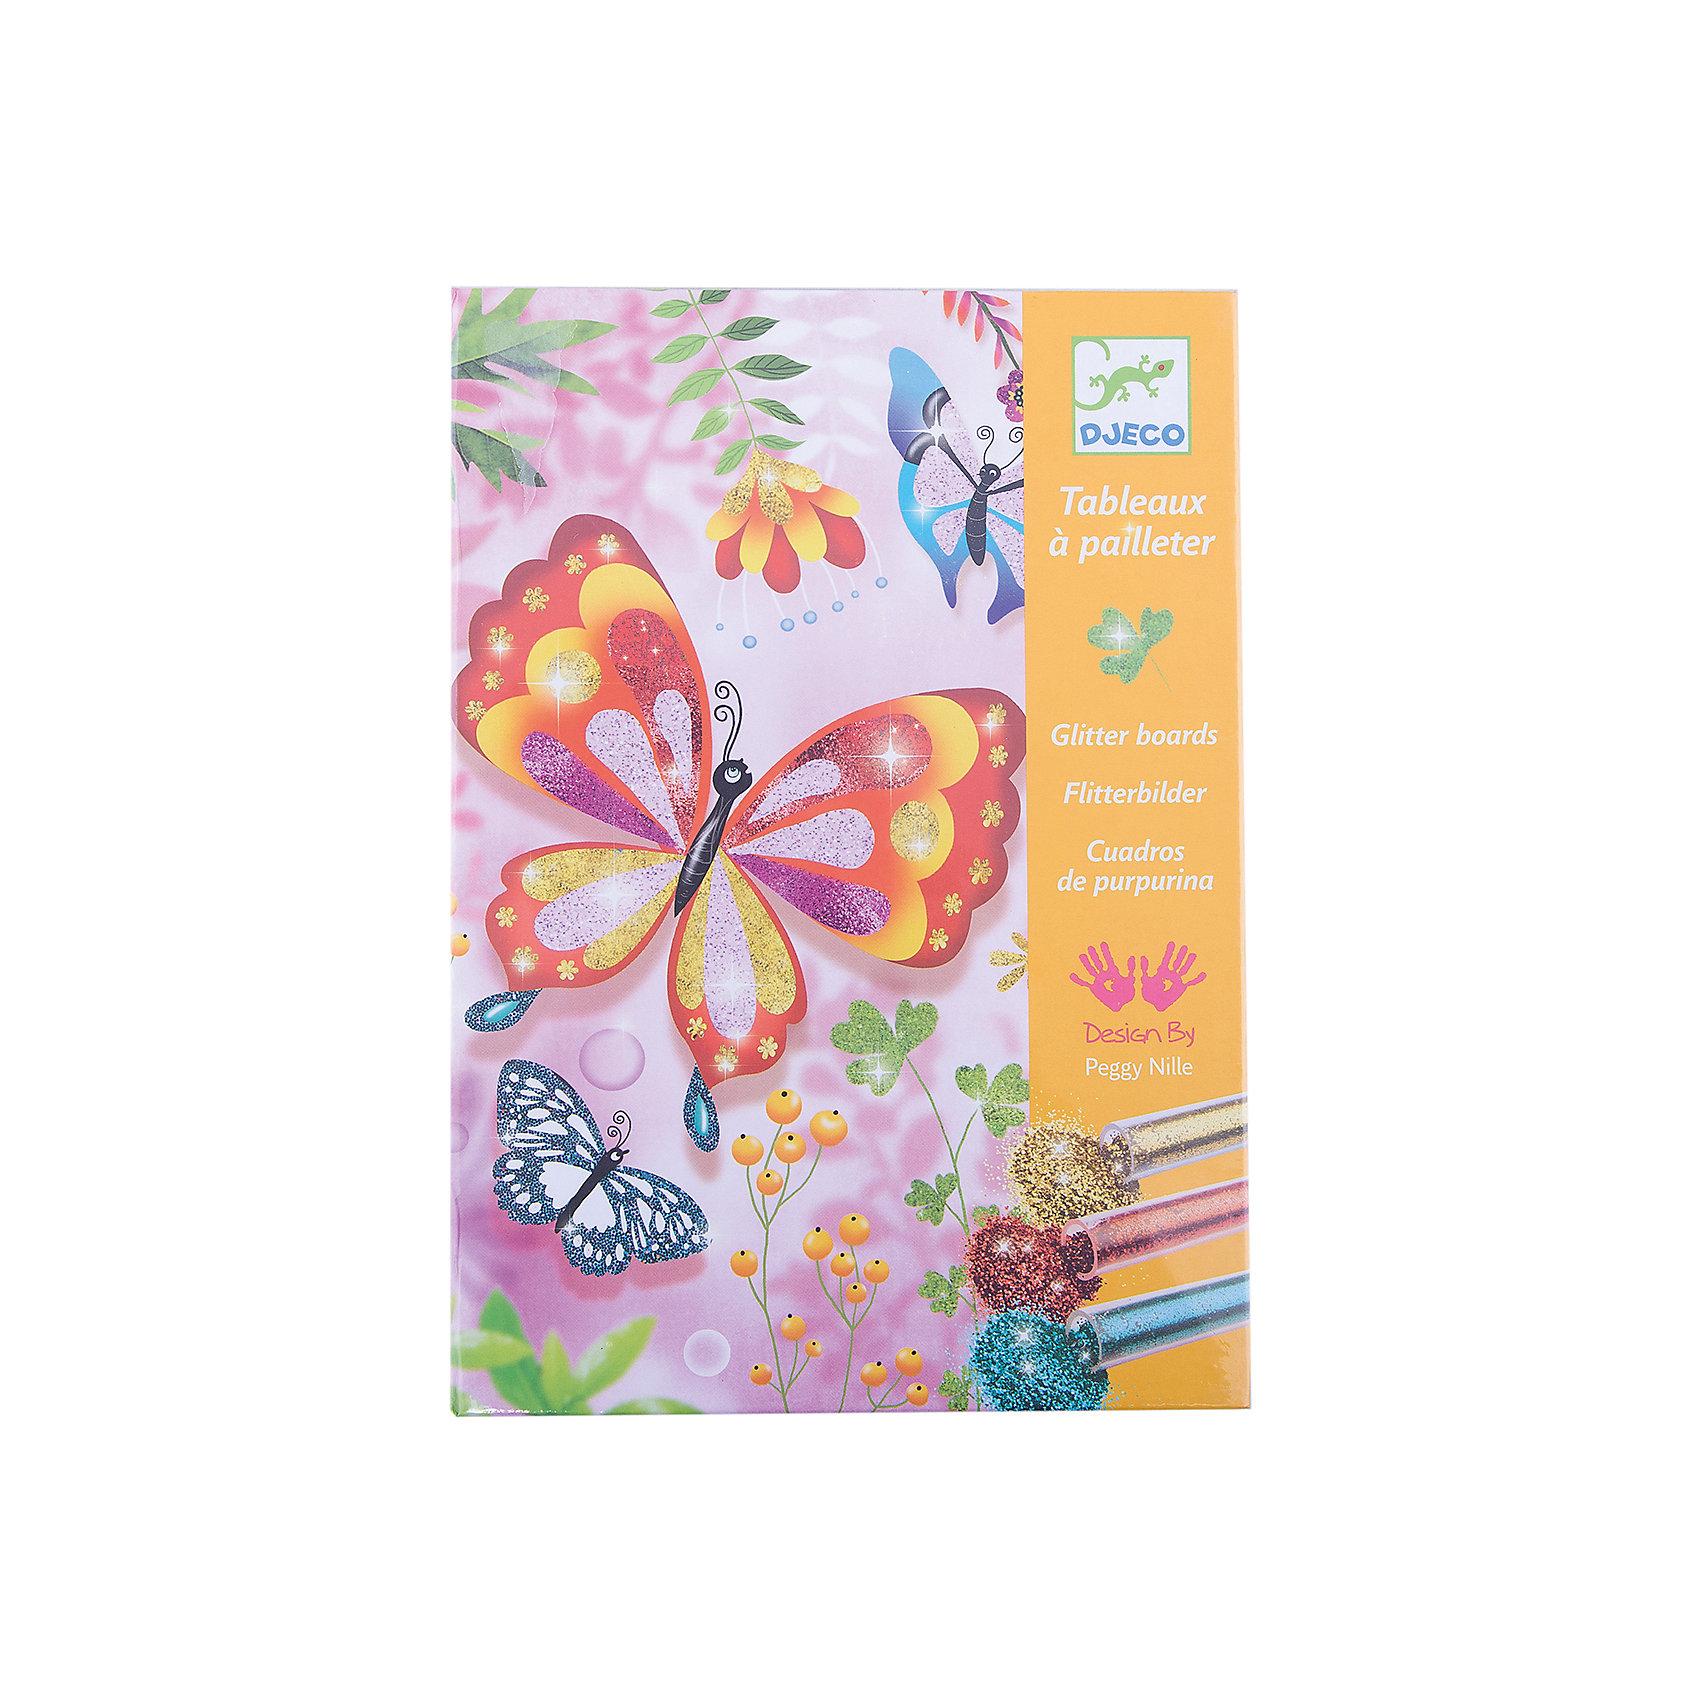 Раскраска Блестящие бабочкиРаскраски<br>Раскраска Блестящие бабочки – это невероятно красивый и яркий творческий набор для вашей девочки.<br>С помощью раскраски Блестящие бабочки Ваша девочка сможет освоить технику раскрашивания картинок разноцветными блёстками. Картинки, выполненные в этой технике, создают атмосферу сказки и праздничное настроение игрой света, переливами цветов и мерцанием красок. В комплекте Вы найдете картинки-основы с изображением ярких, солнечных бабочек, божьих коровок, стрекоз, пчелок. Поместите картинку в коробку, в которой продается набор. Некоторые участки картинки не раскрашены и имеют клейкую основу. Аккуратно снимите пленку с одного участка и посыпьте из тюбика блестками нужного цвета. Лишние блестки снимите кисточкой или шпателем и через специальное отверстие в коробке пересыпьте их обратно в тюбик. Таким образом, Вы можете экономно расходовать блестки, и рабочее место останется чистым. Так раскрасьте всю картинку. Техника рисование блестками имеет большое преимущество - работы всегда получаются яркими, красочными и волшебными. Творя, ребенок развивает усидчивость, творческие навыки, воображения и фантазию.<br><br>Дополнительная информация:<br><br>- В наборе: 4 клеящиеся картинки (150х210 мм), 6 тюбиков с разноцветными блёстками, кисть, стек, пошаговая инструкция.<br>- Размер упаковки: 23 х 17 х 4 см.<br>- Вес: 450 гр.<br><br>Раскраску Блестящие бабочки можно купить в нашем интернет-магазине.<br><br>Ширина мм: 230<br>Глубина мм: 170<br>Высота мм: 40<br>Вес г: 450<br>Возраст от месяцев: 84<br>Возраст до месяцев: 156<br>Пол: Женский<br>Возраст: Детский<br>SKU: 4305765